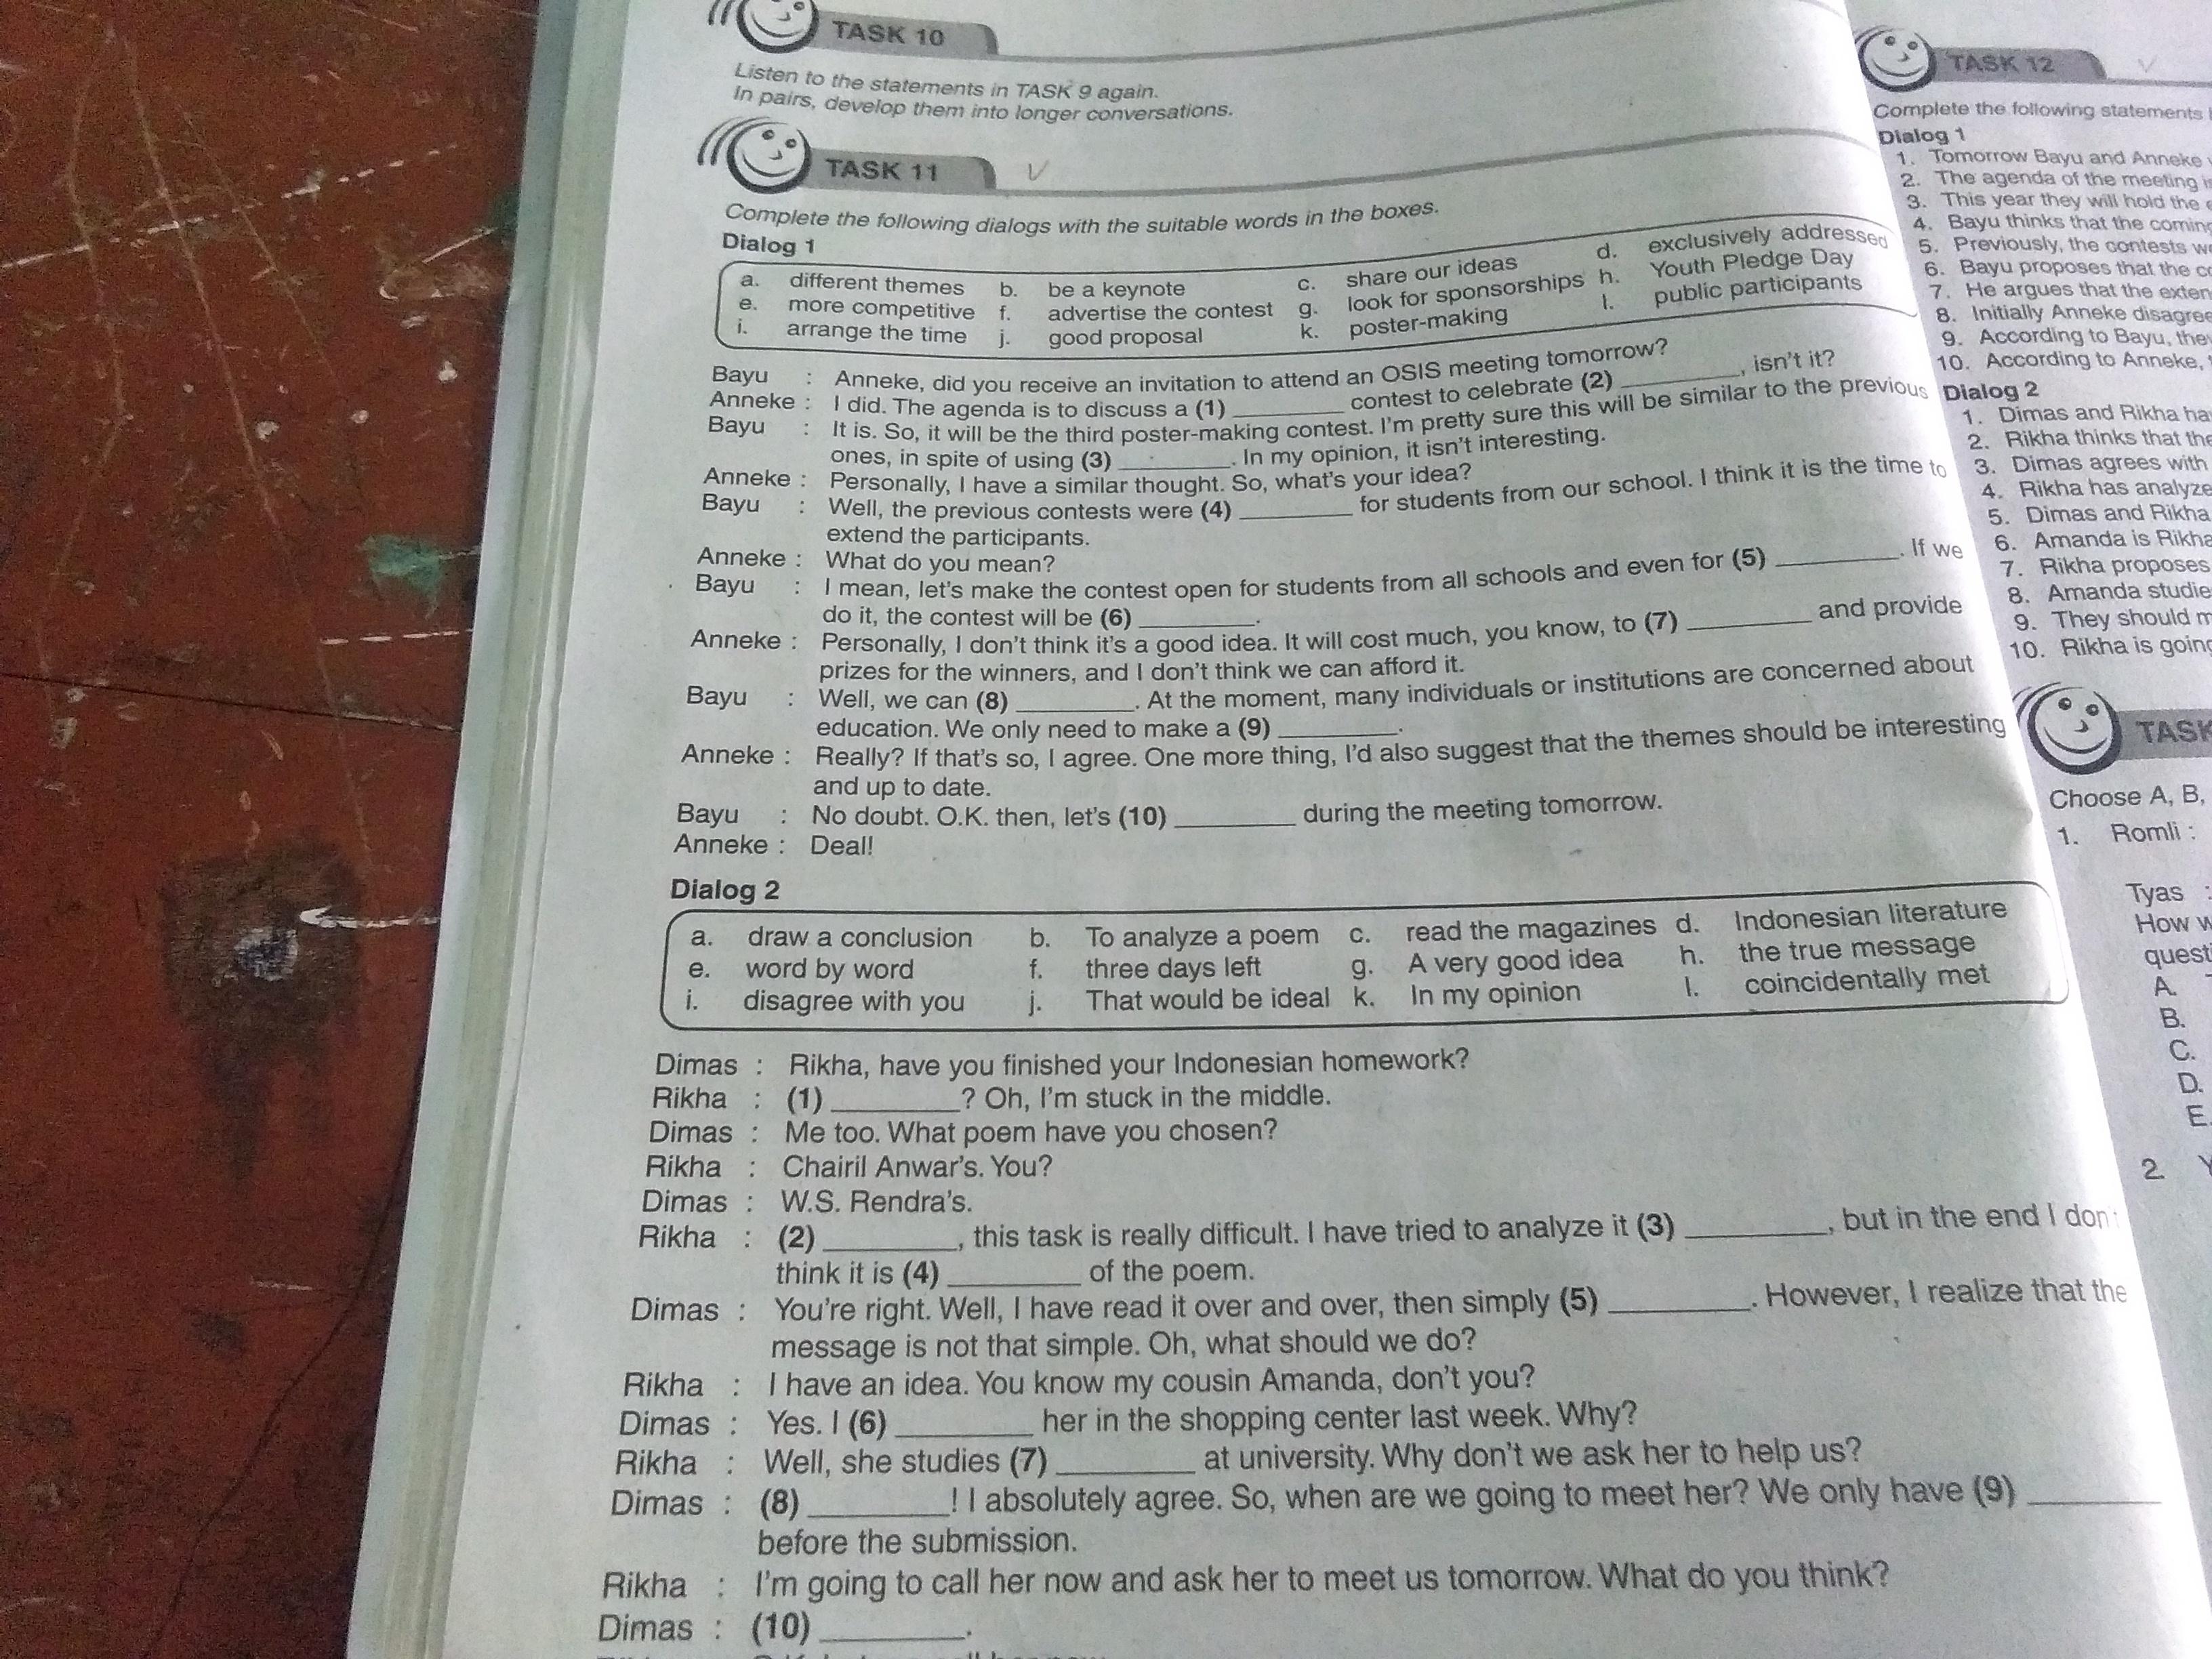 Bahasa Inggris Kelas 11 Semester 1 Task 11 Dan 12 Ini Gimana Brainly Co Id